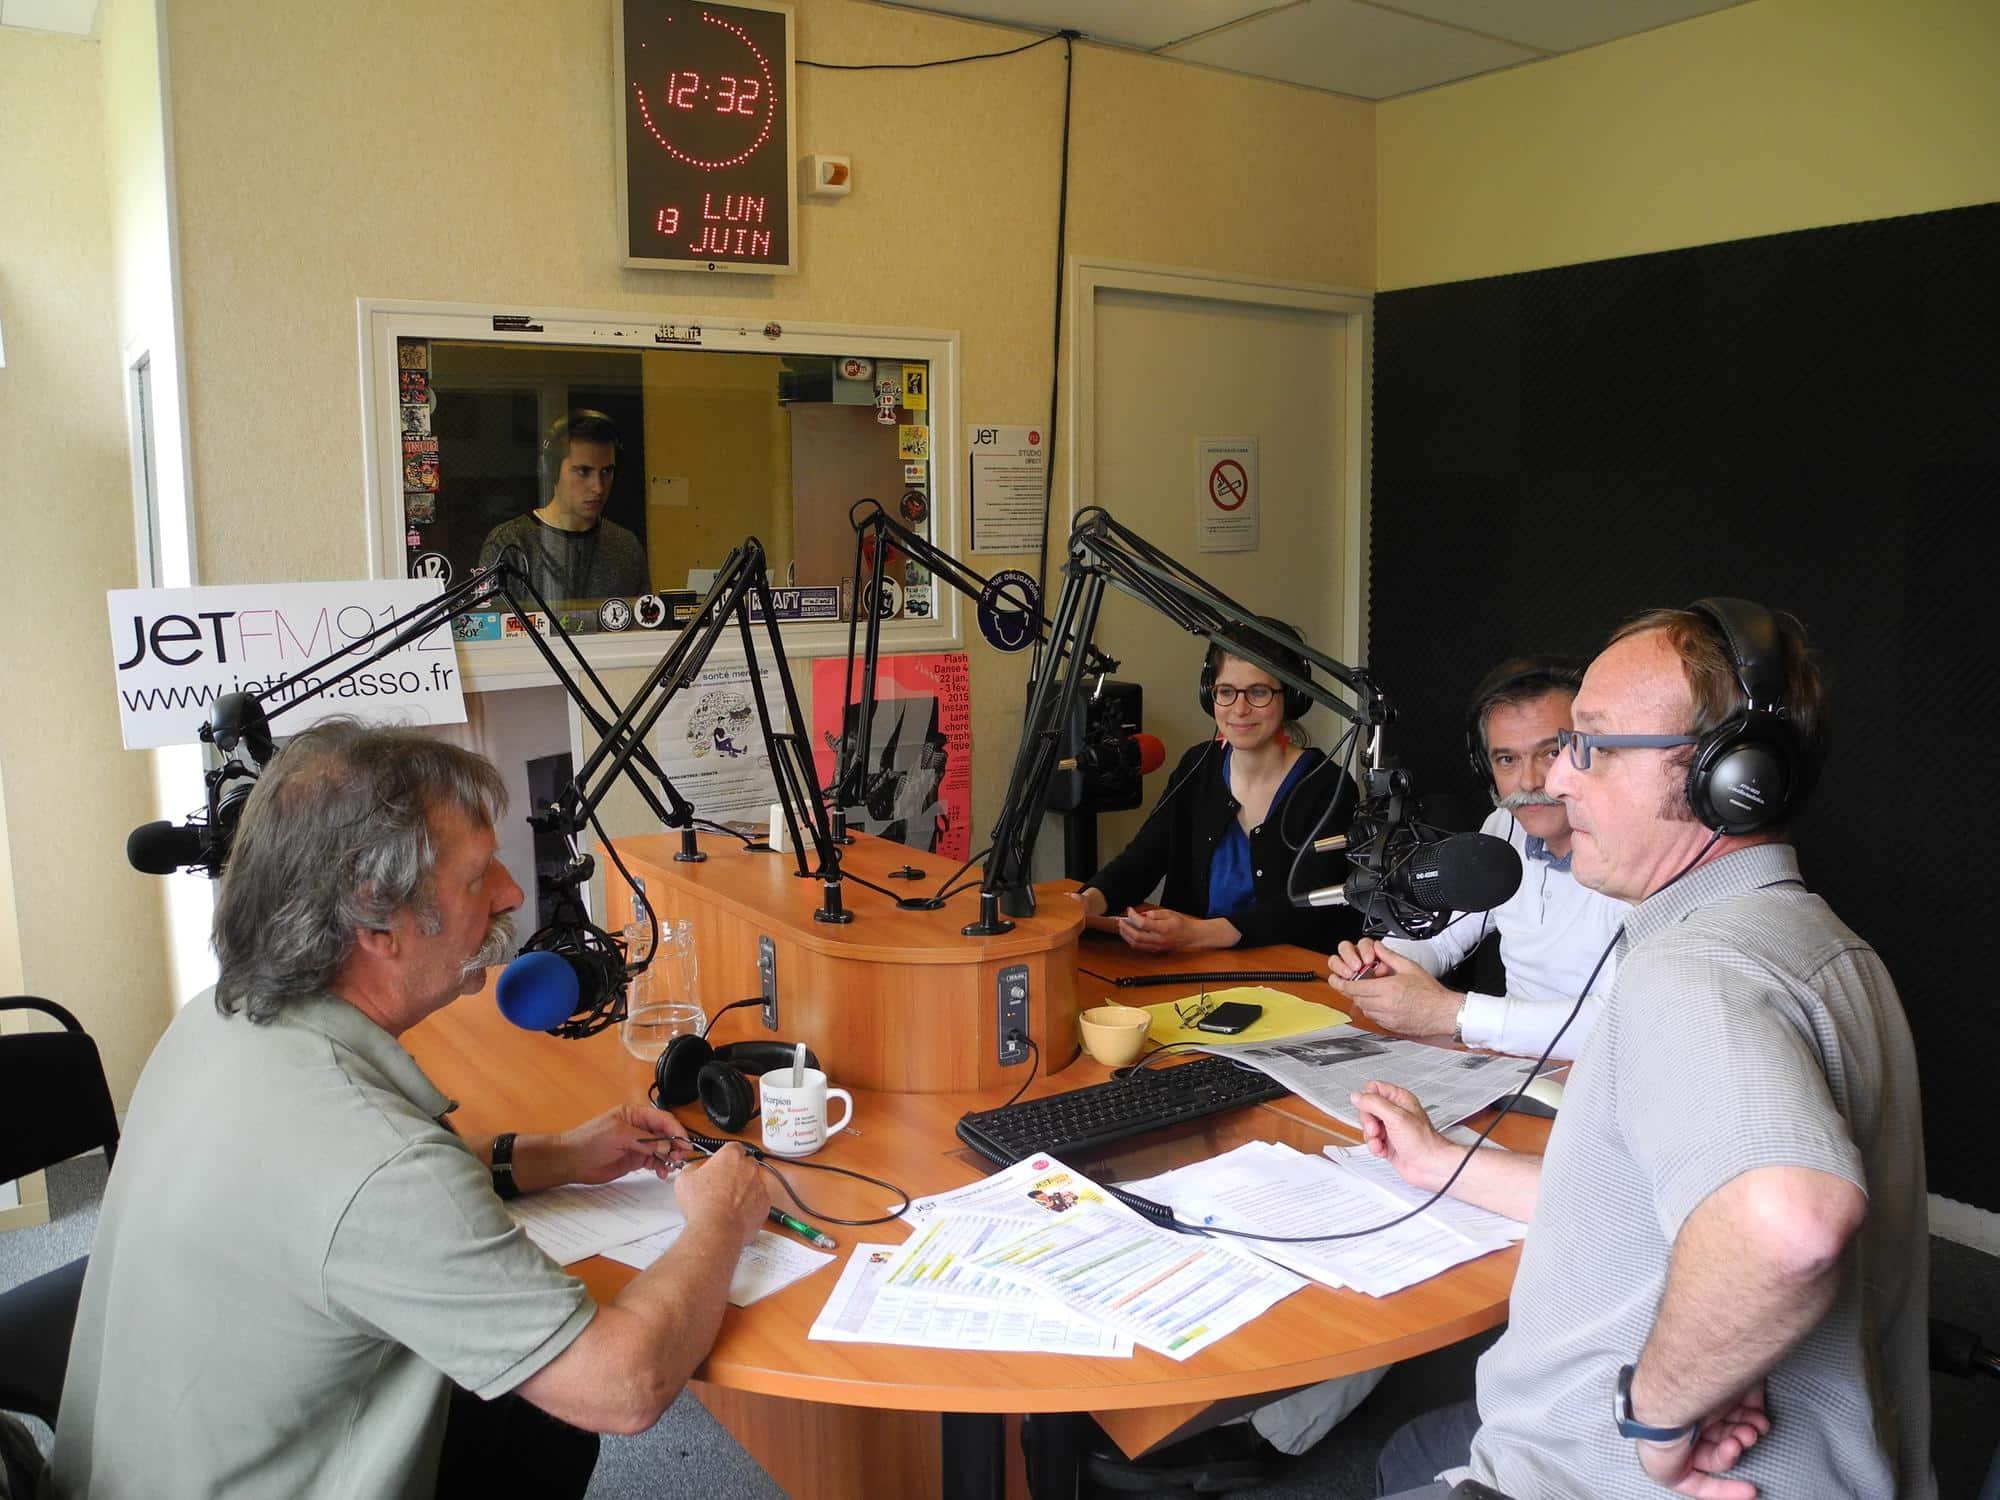 L'émission du midi à Jet FM.